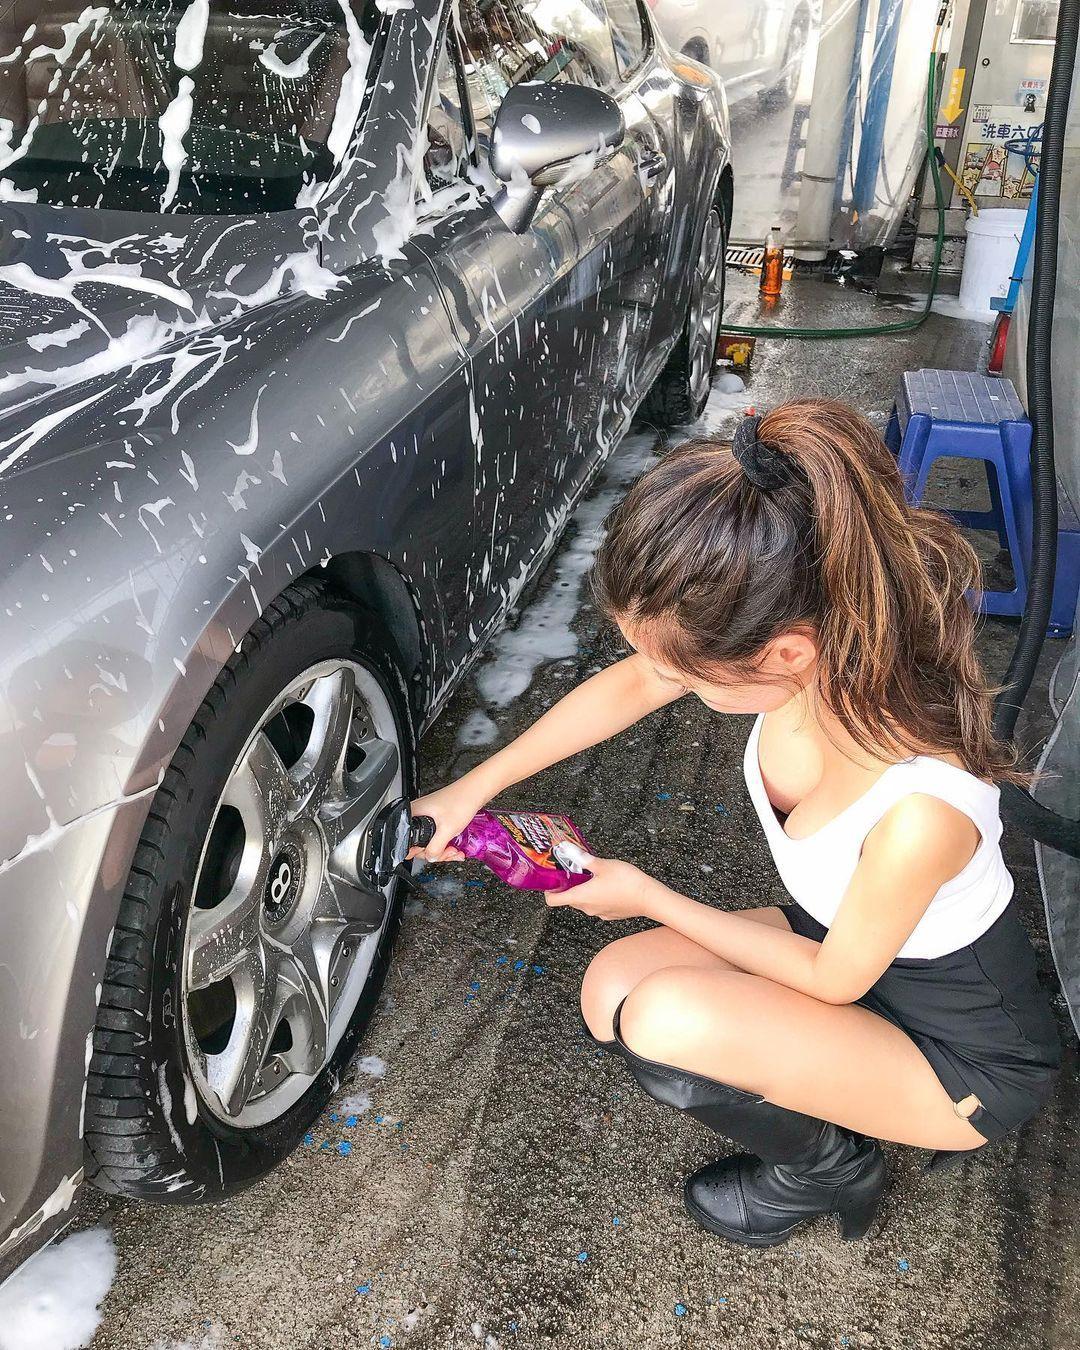 大胸妹叶凯琪自助洗车呼之欲出爆风景让人看傻眼 男人文娱 热图3